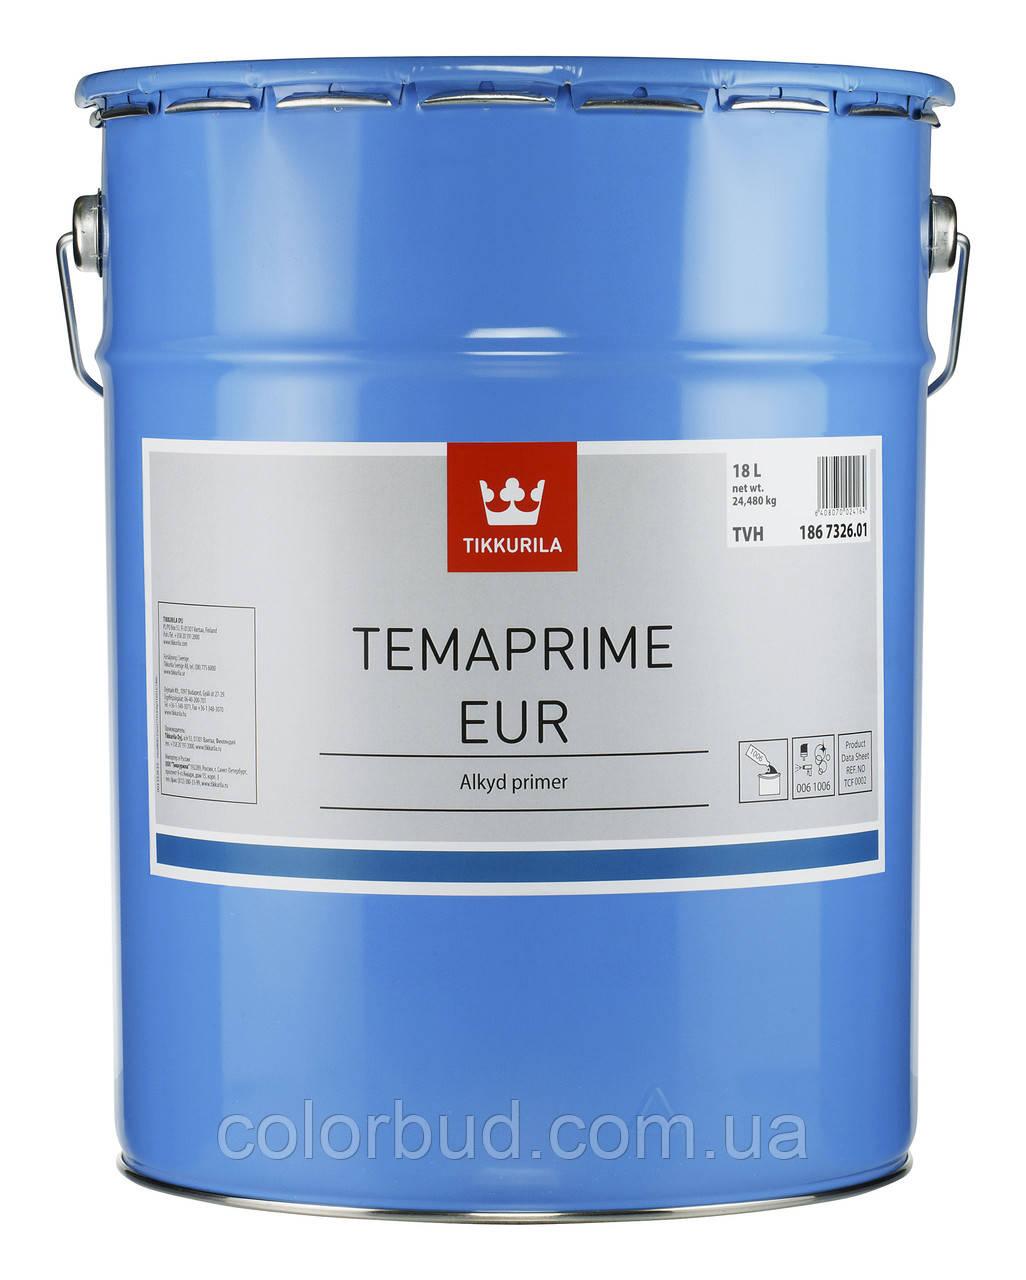 Противокоррозийная грунтовка для черных металлов полуматовая Temaprime EUR TVH 18л. - КолорБуд в Харькове